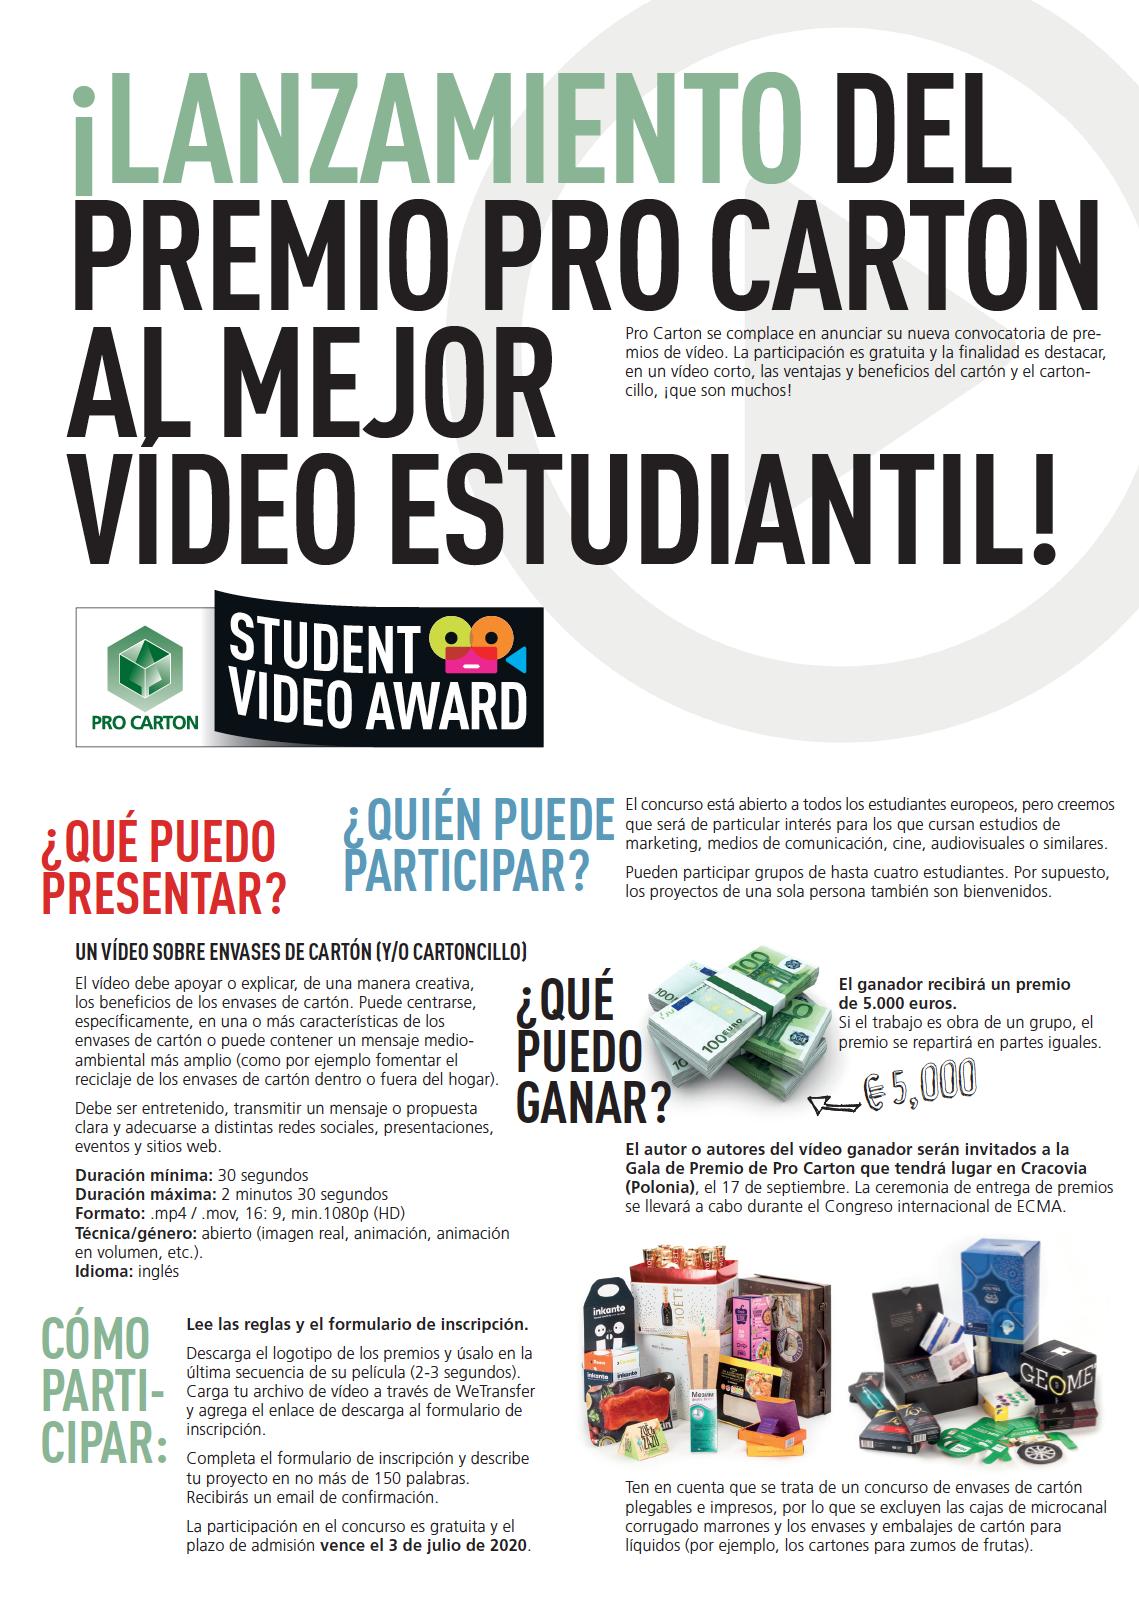 Pro Carton Student Video Award FOLLETO DE DOS PAGINASil!